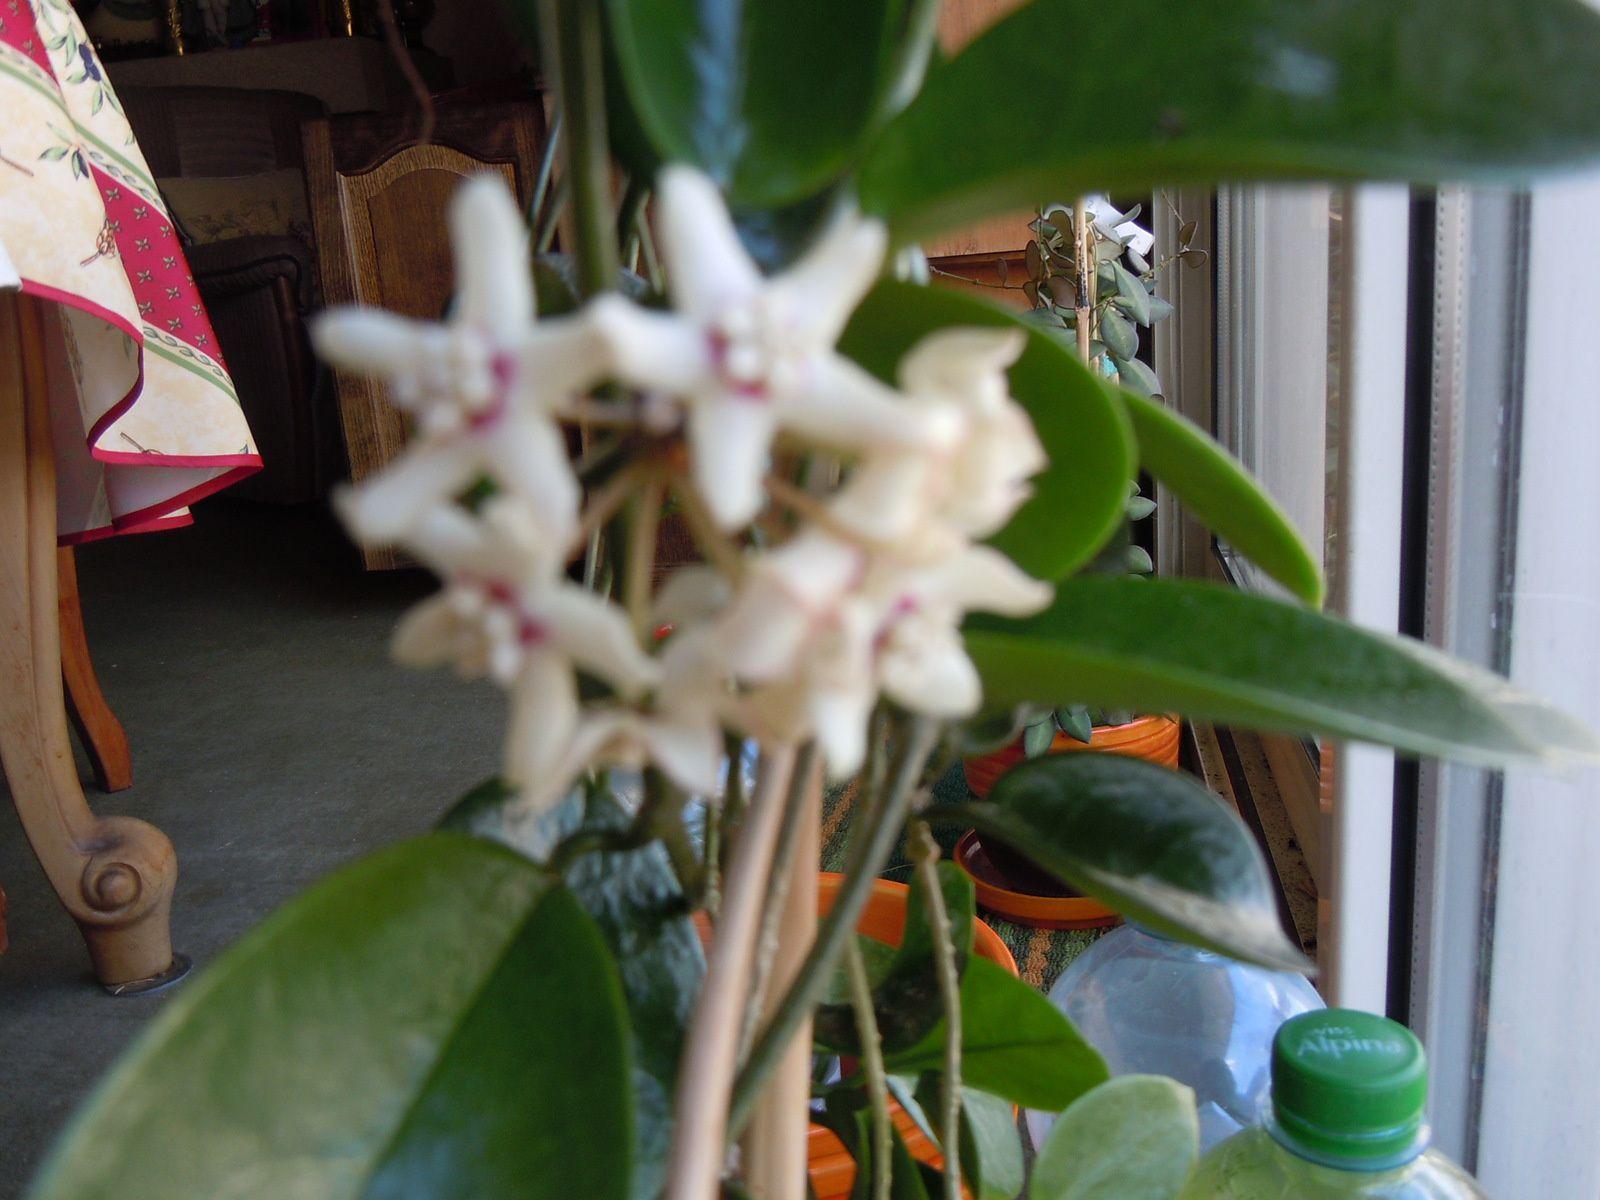 Hoya Australis évolution et découverte d'un deuxième pédoncule